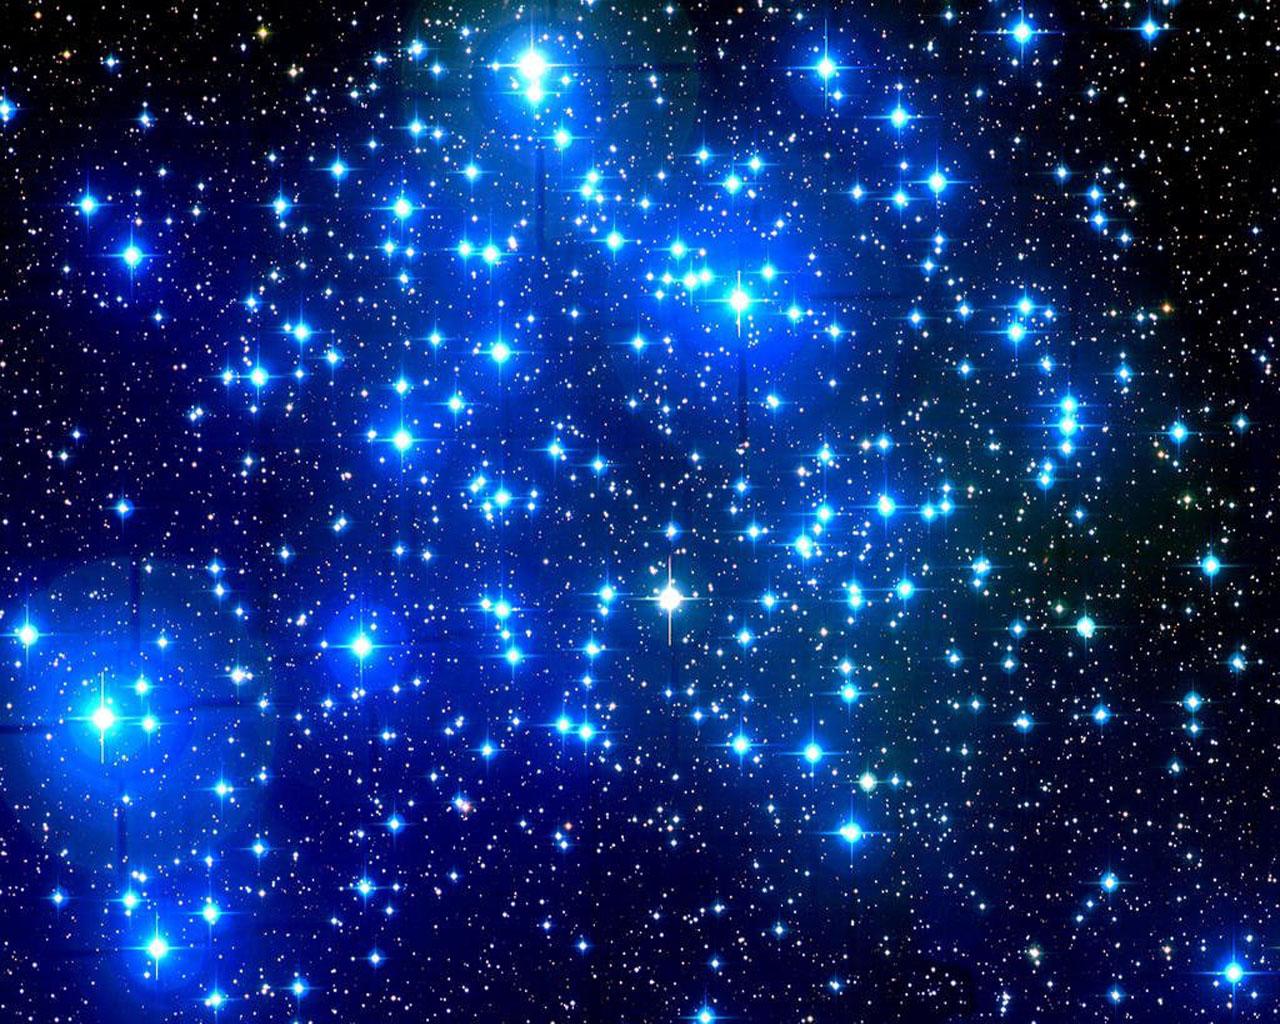 estrellas celtas: